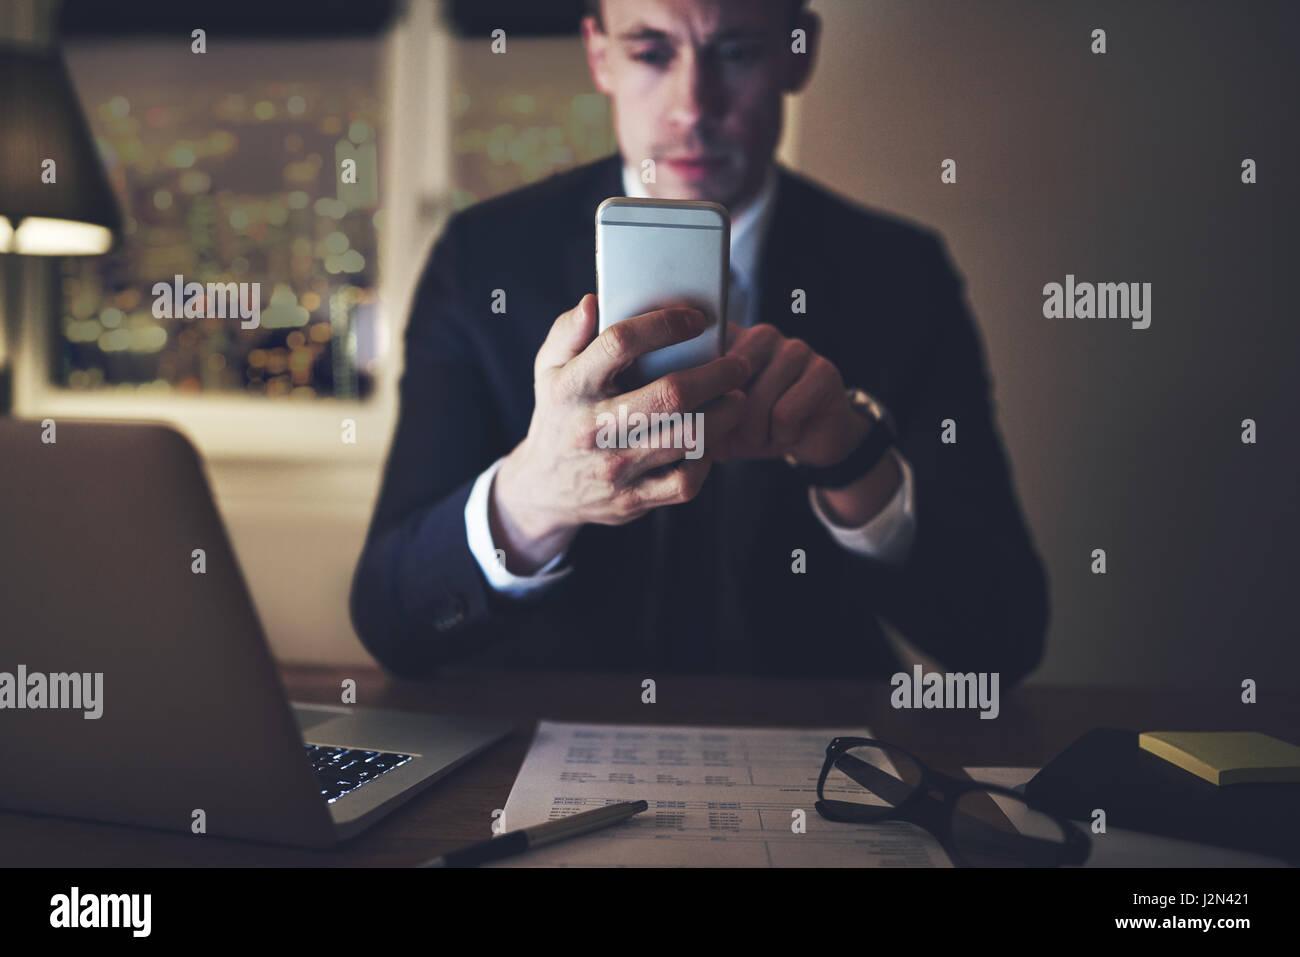 Eine nachdenkliche intelligente Manager im Büro zu sitzen und sein Smartphone surfen. Stockfoto